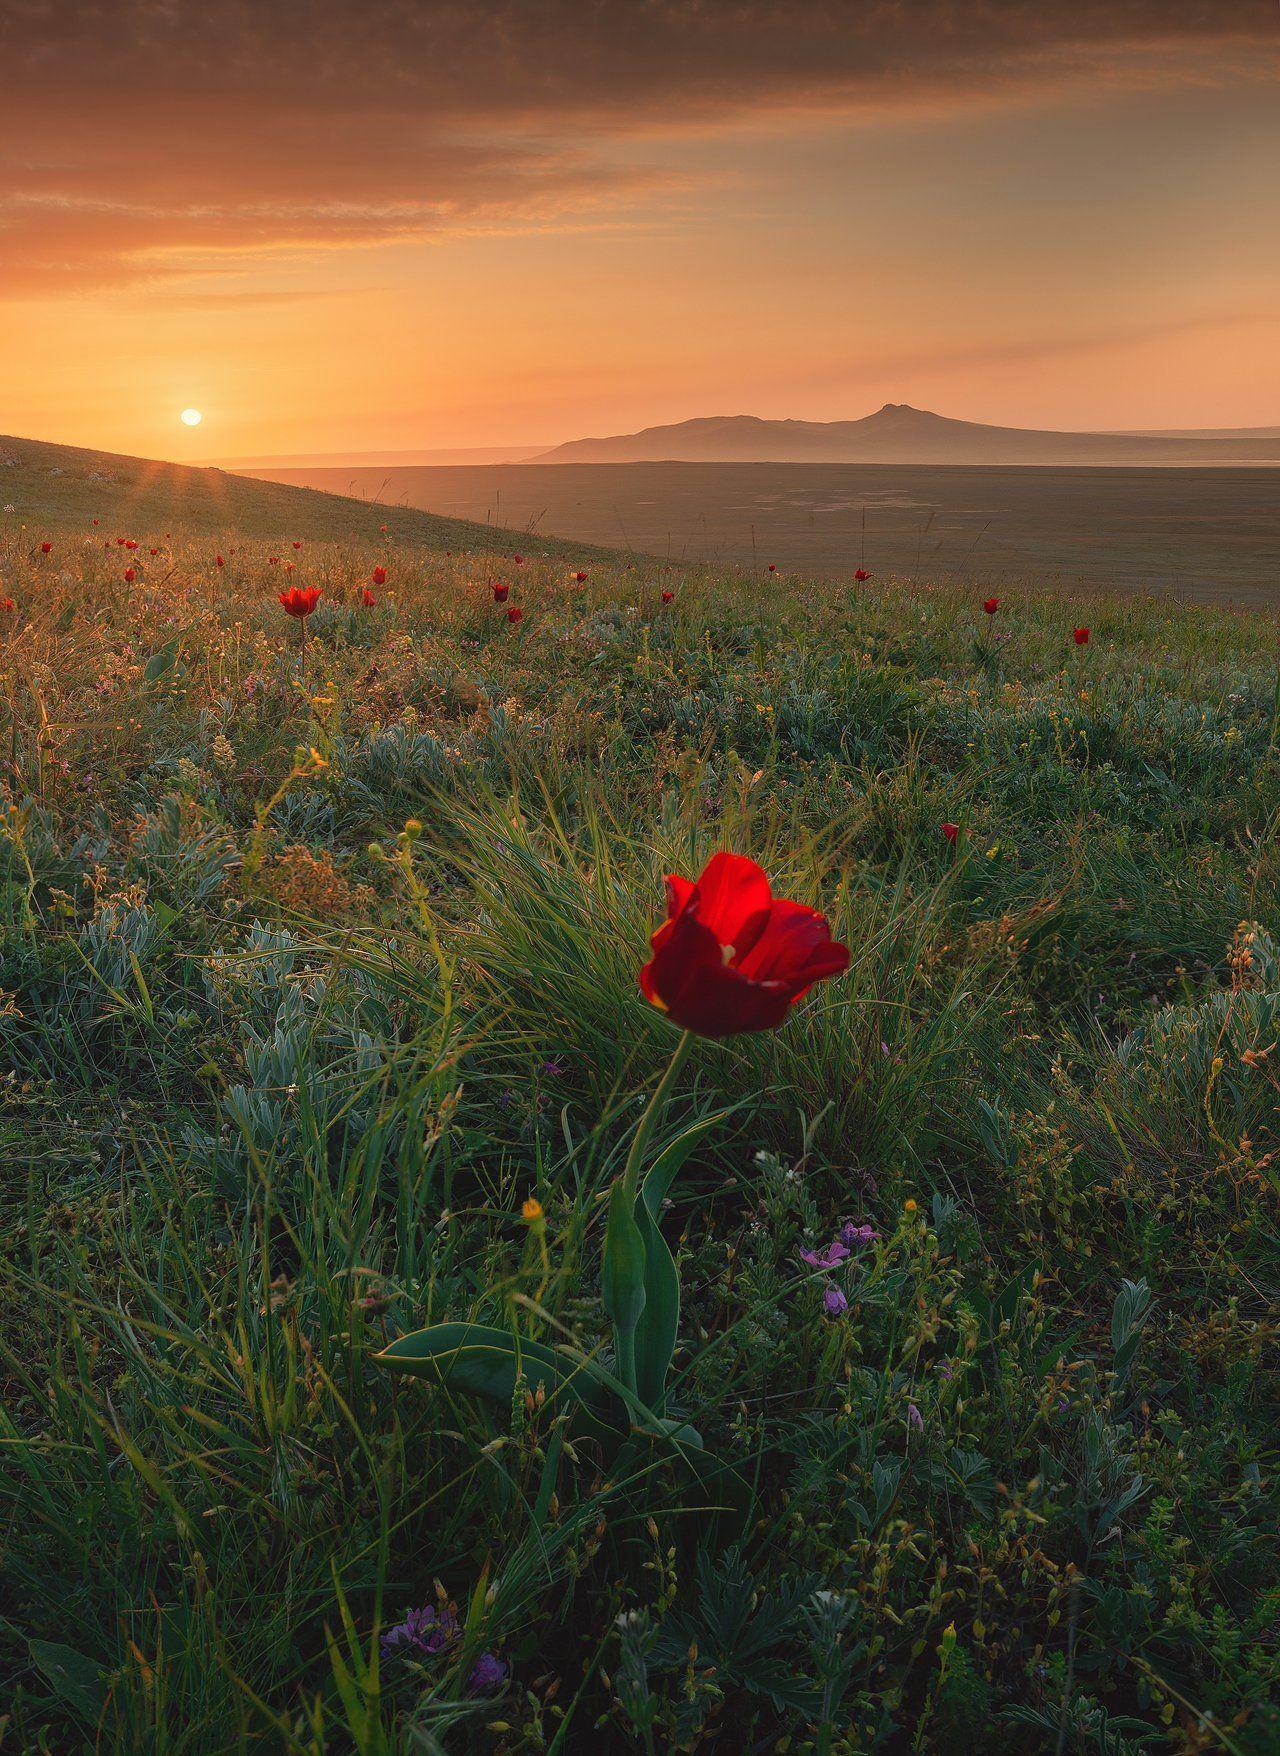 крым, мыс опук, кояшское озеро, керчь, керченский полуостров, тюльпаны шренка, Александр Трашин